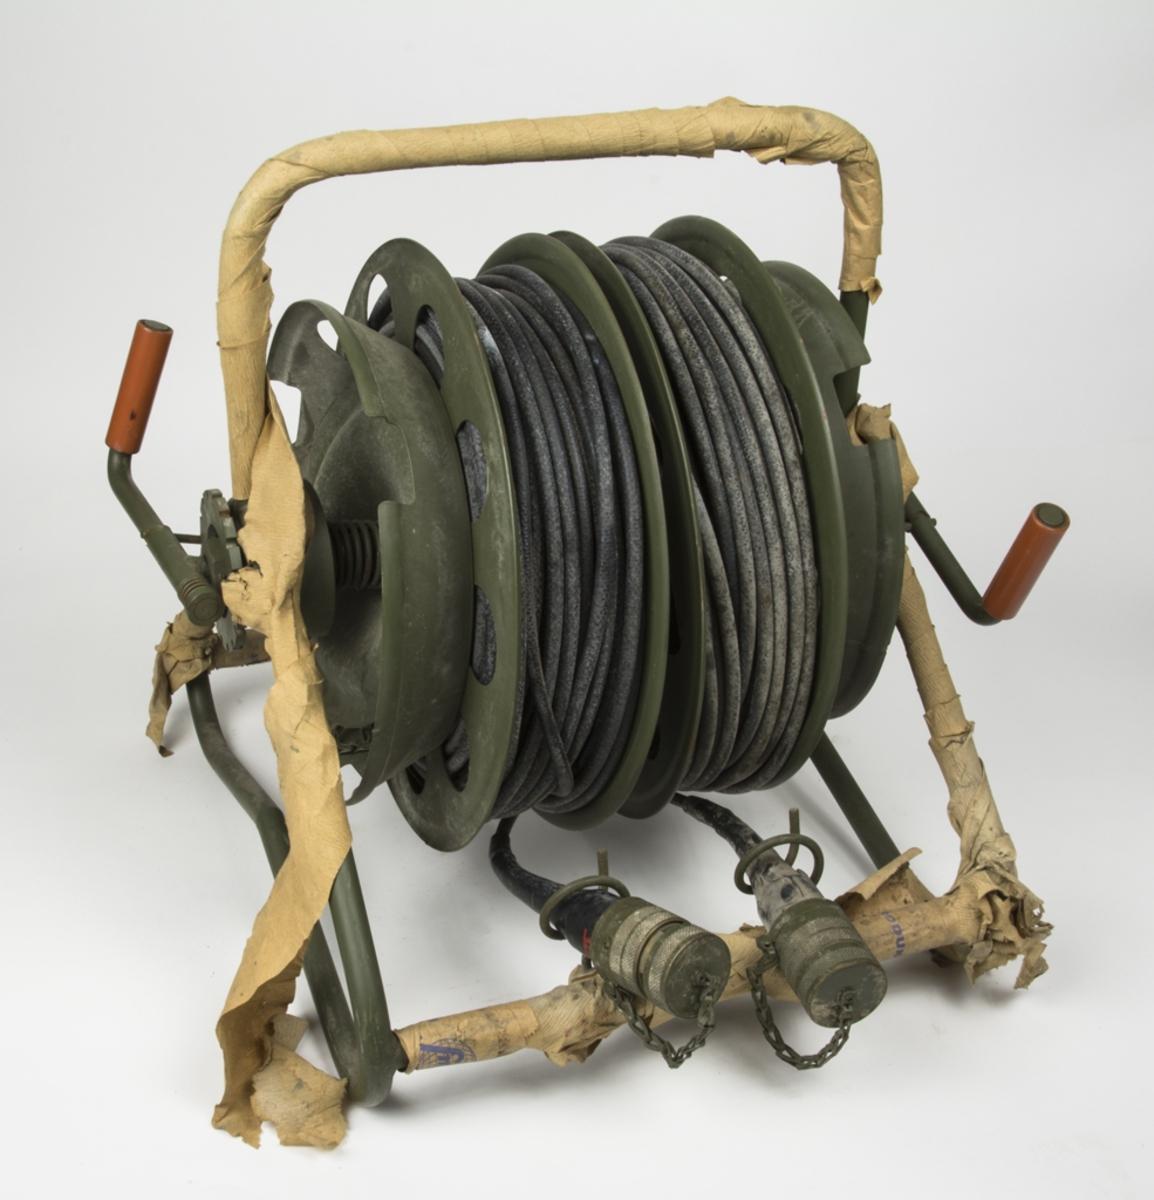 Kabel på kabelvinda. 2 st kabelrullar och varje rulle har en separat vev. På rullarna är det kabel med varsin anslutningskontakt, till detta finns även 2 st kabelanslutningar inkilade i hjulen vid sidan av rullarna. På ställningen finns en grön skyddshuva. Ställningen är inklädd i papper.